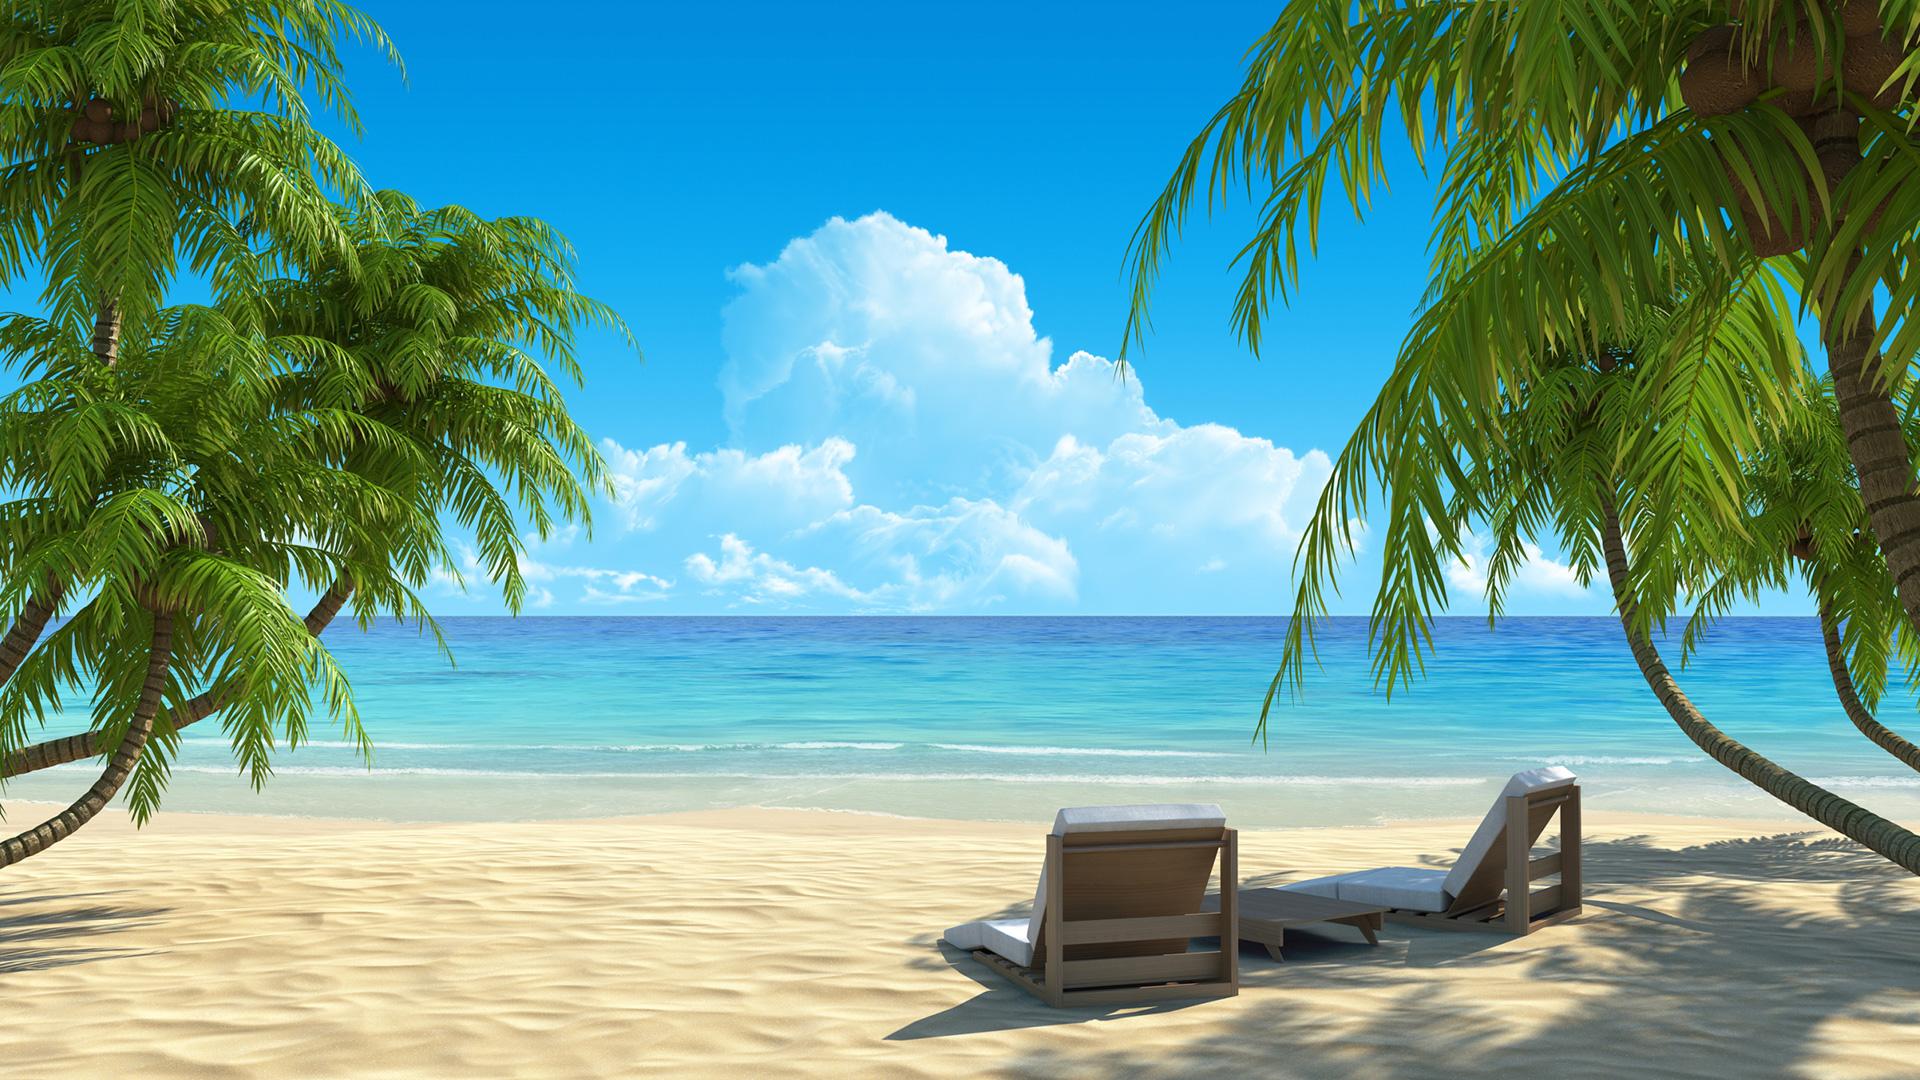 paradise-beach-new-widescreen-hd-wallpaper-free-desktop-images